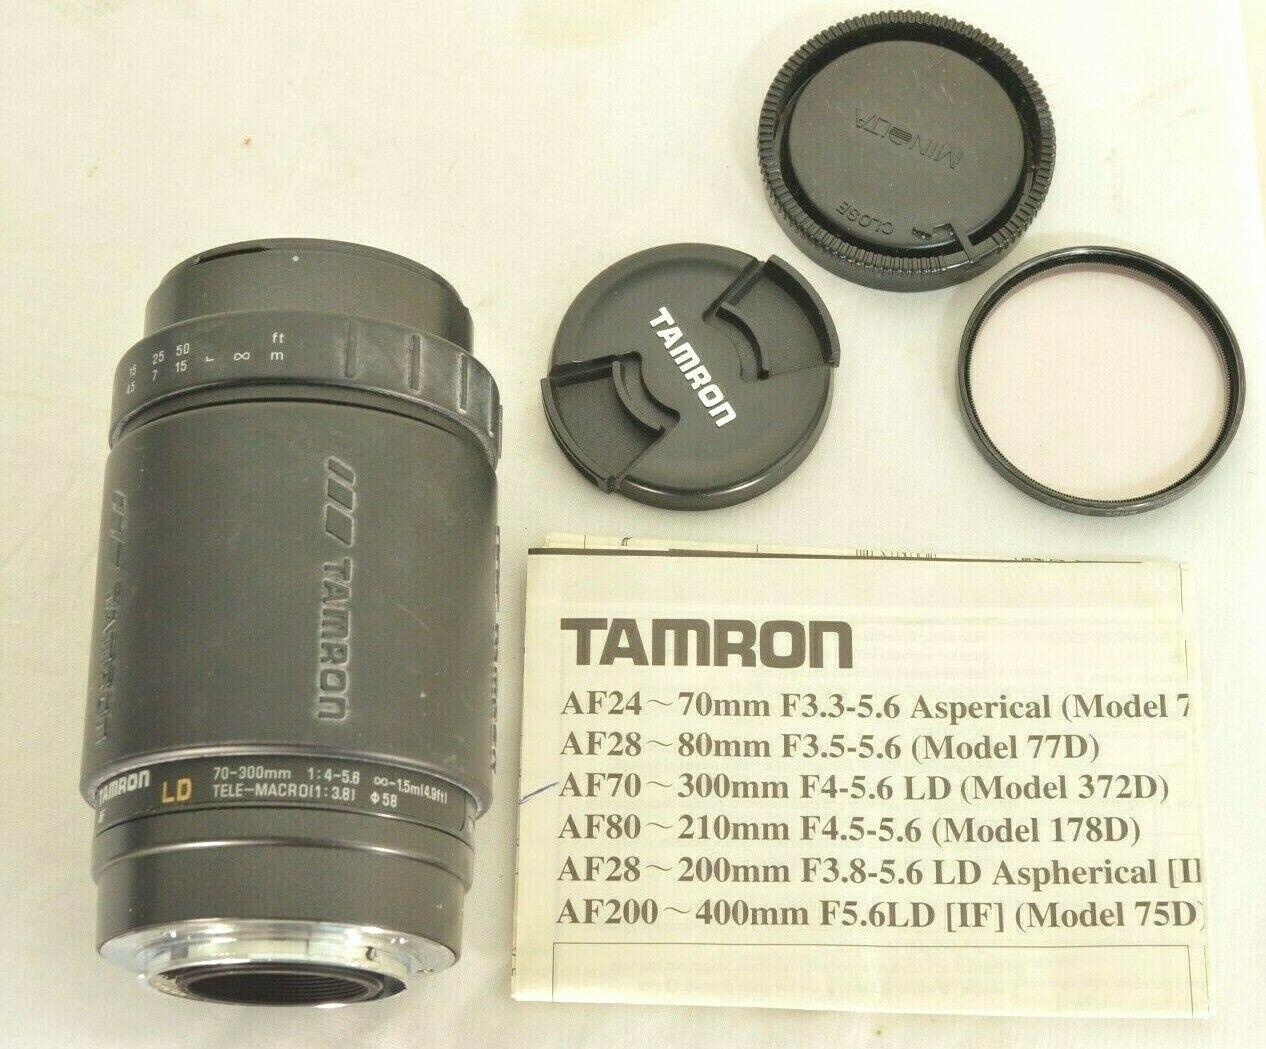 Tamron LD 70-300mm f/4.0-5.6 LD AF camera lens for Sony